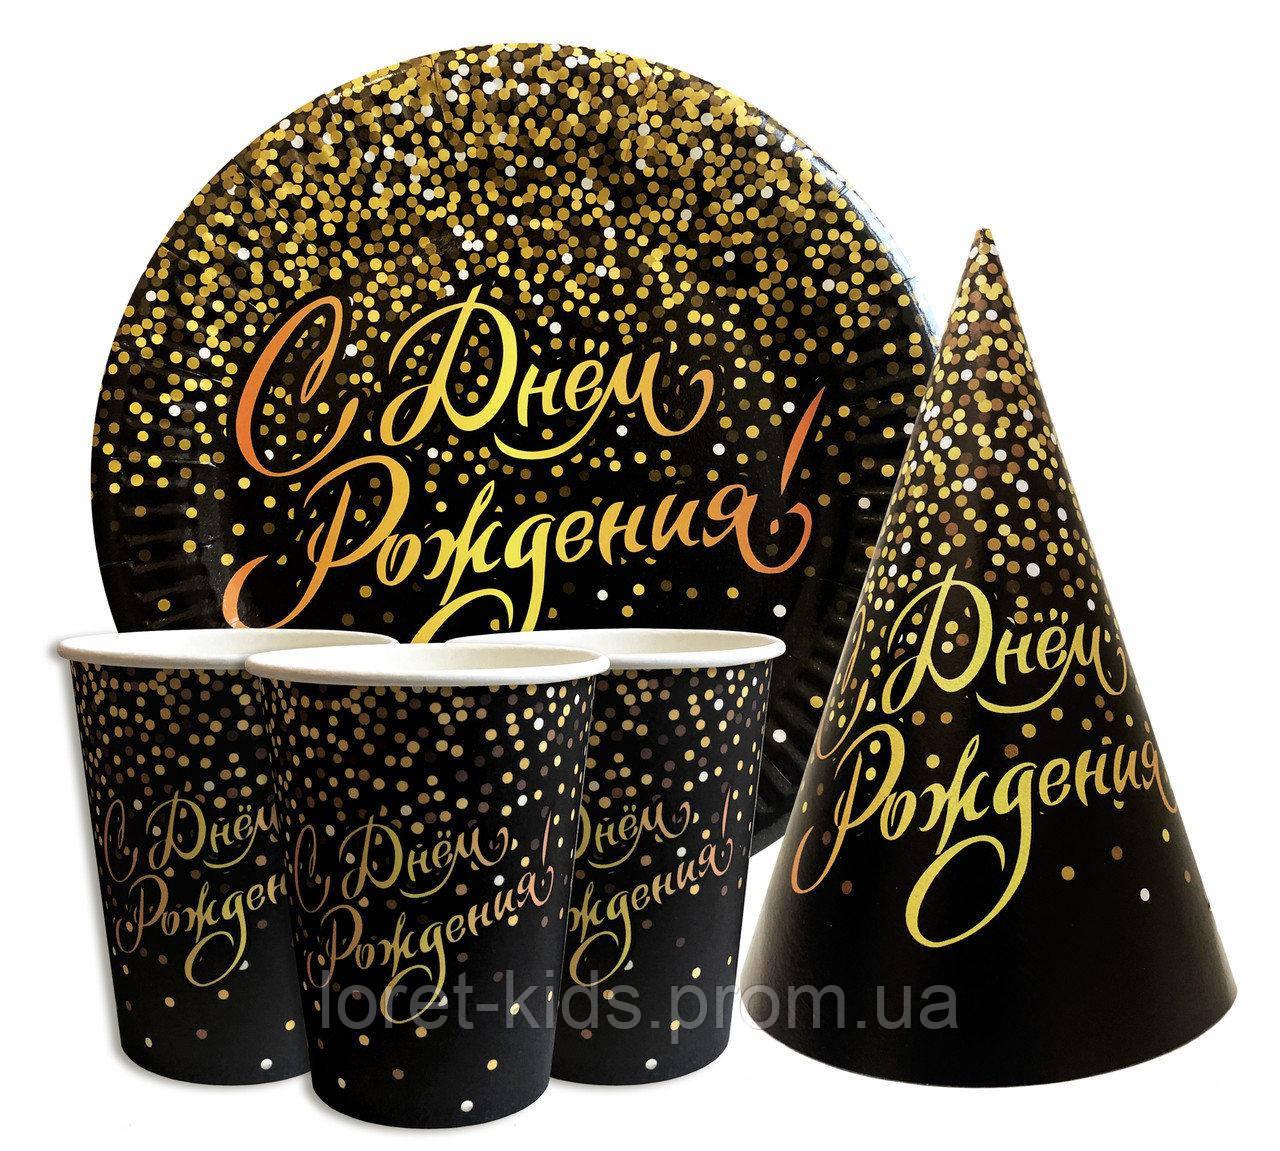 """Набор для дня рождения """"С Днём Рождения конфетти """" Тарелки -10 шт. Стаканчики - 10 шт. Колпачки - 10 шт"""